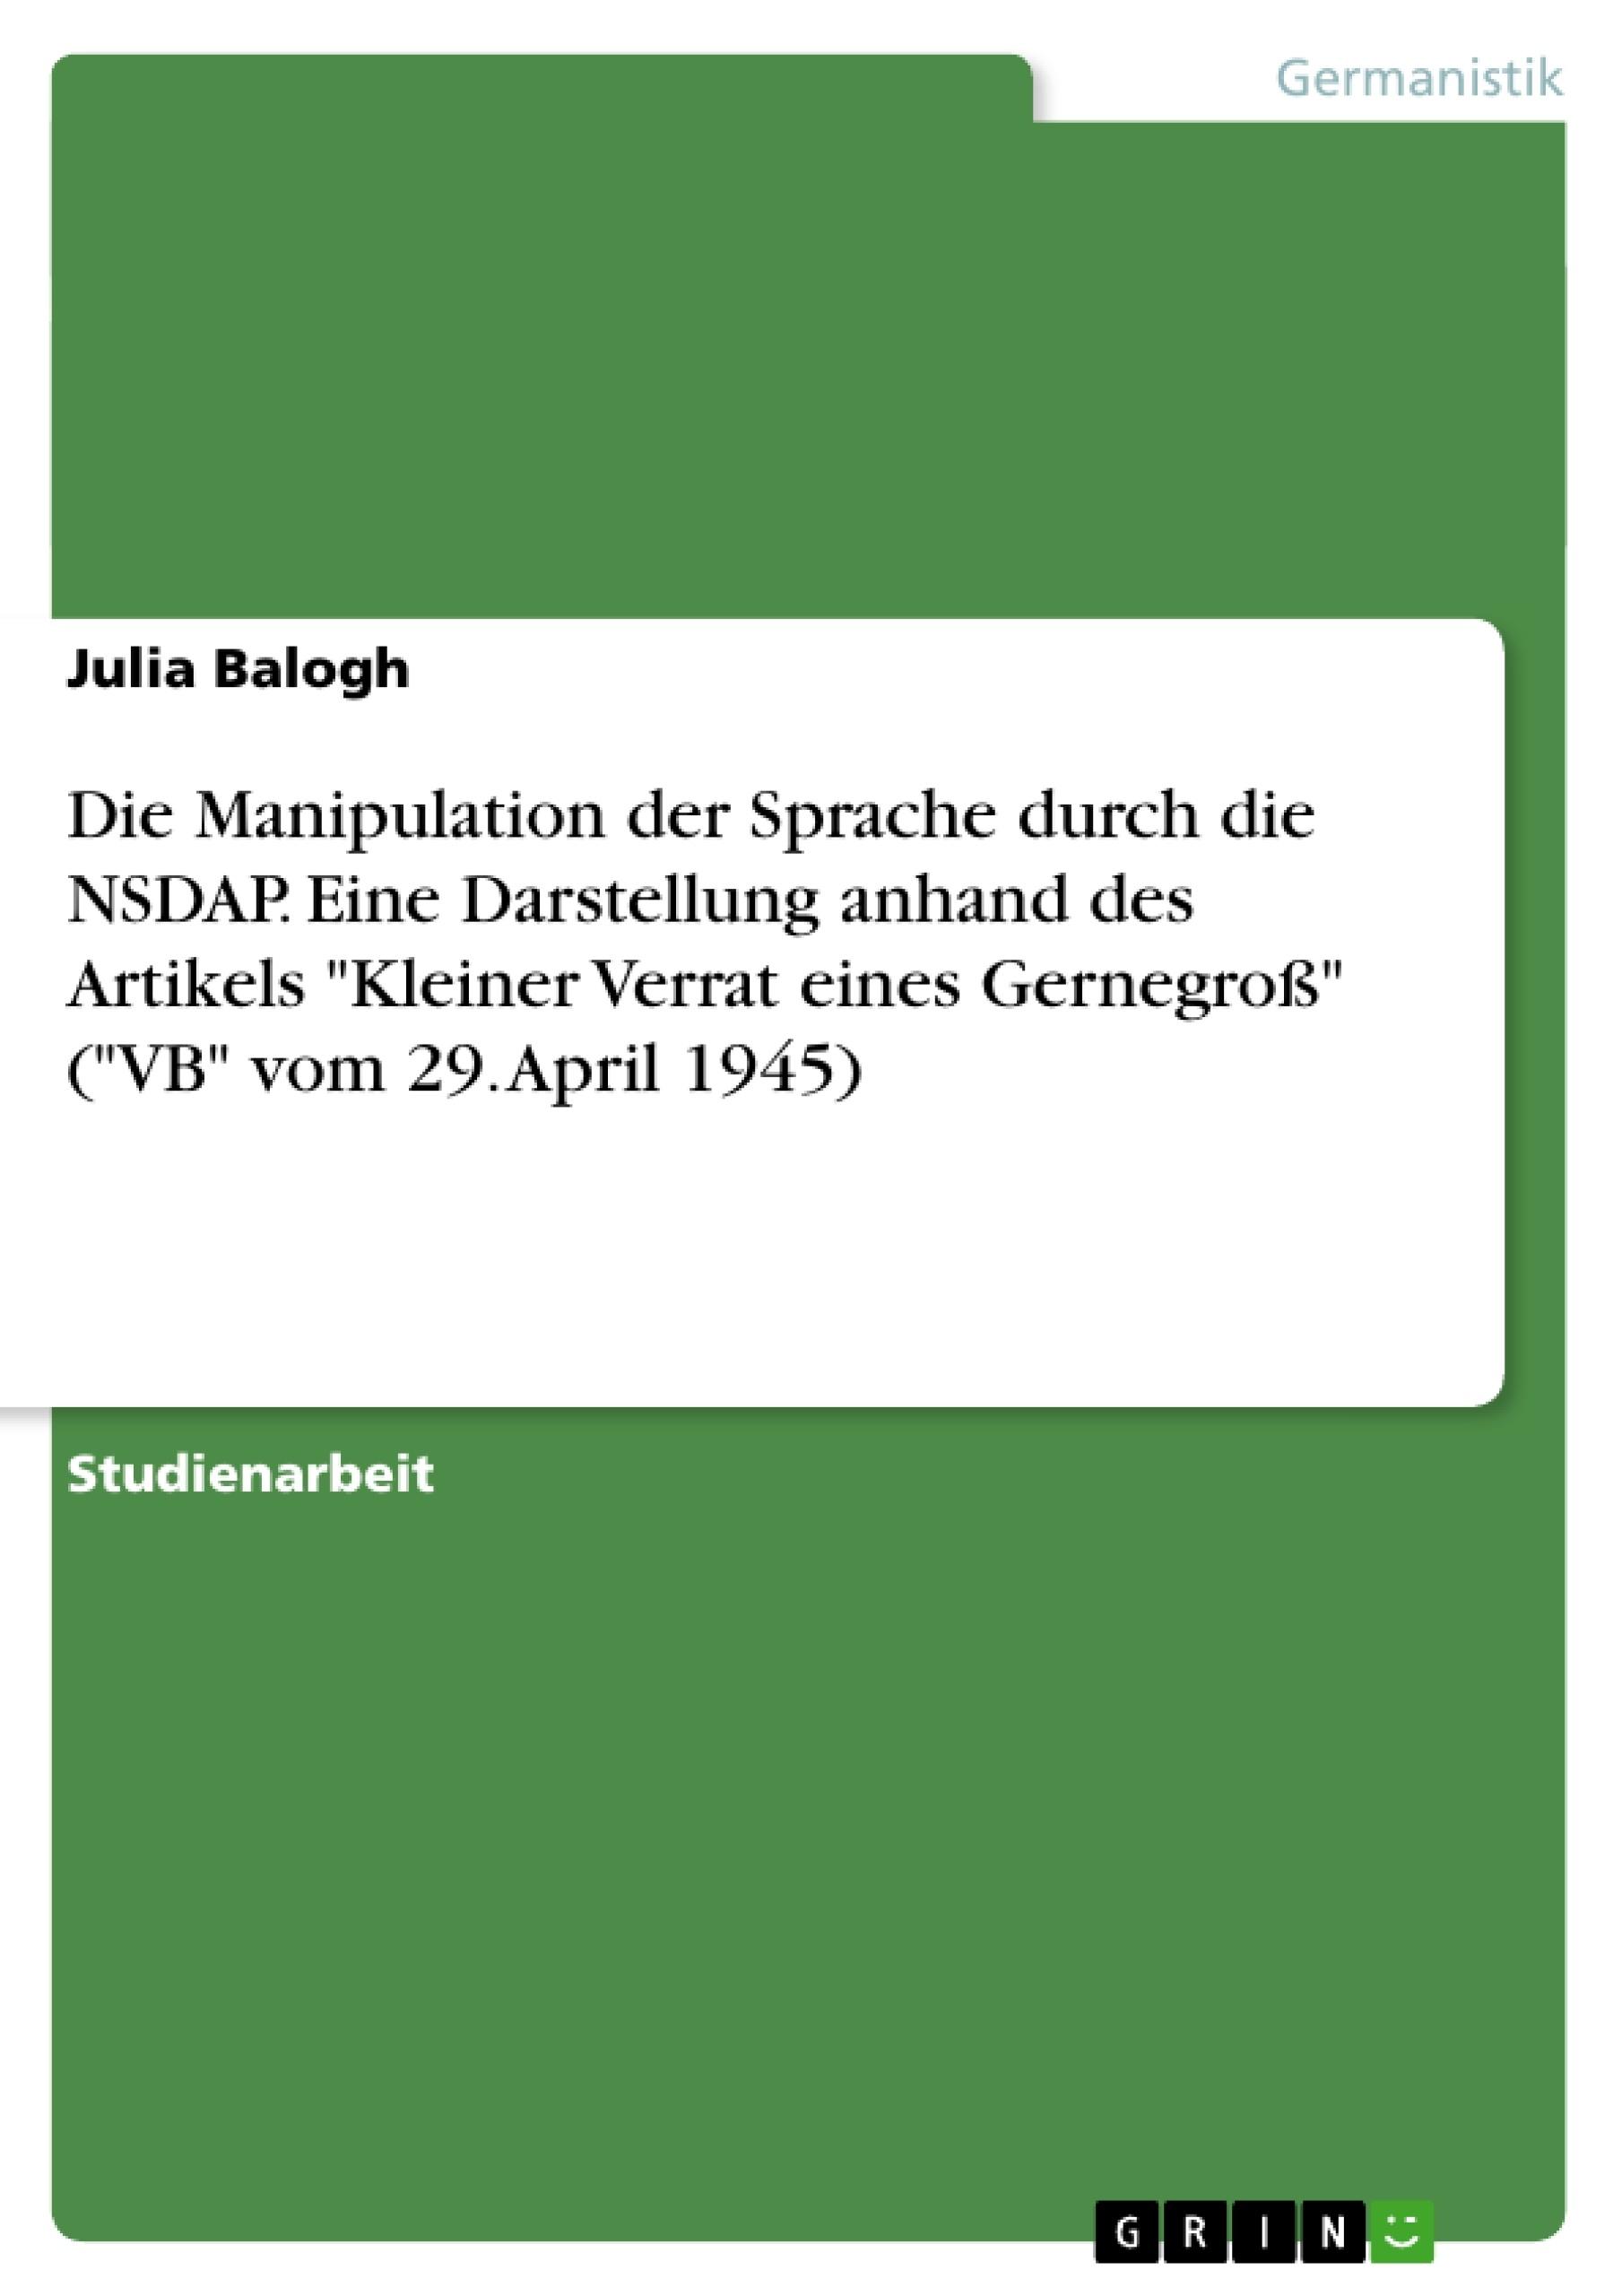 """Titel: Die Manipulation der Sprache durch die NSDAP. Eine Darstellung anhand des Artikels """"Kleiner Verrat eines Gernegroß"""" (""""VB"""" vom 29. April 1945)"""